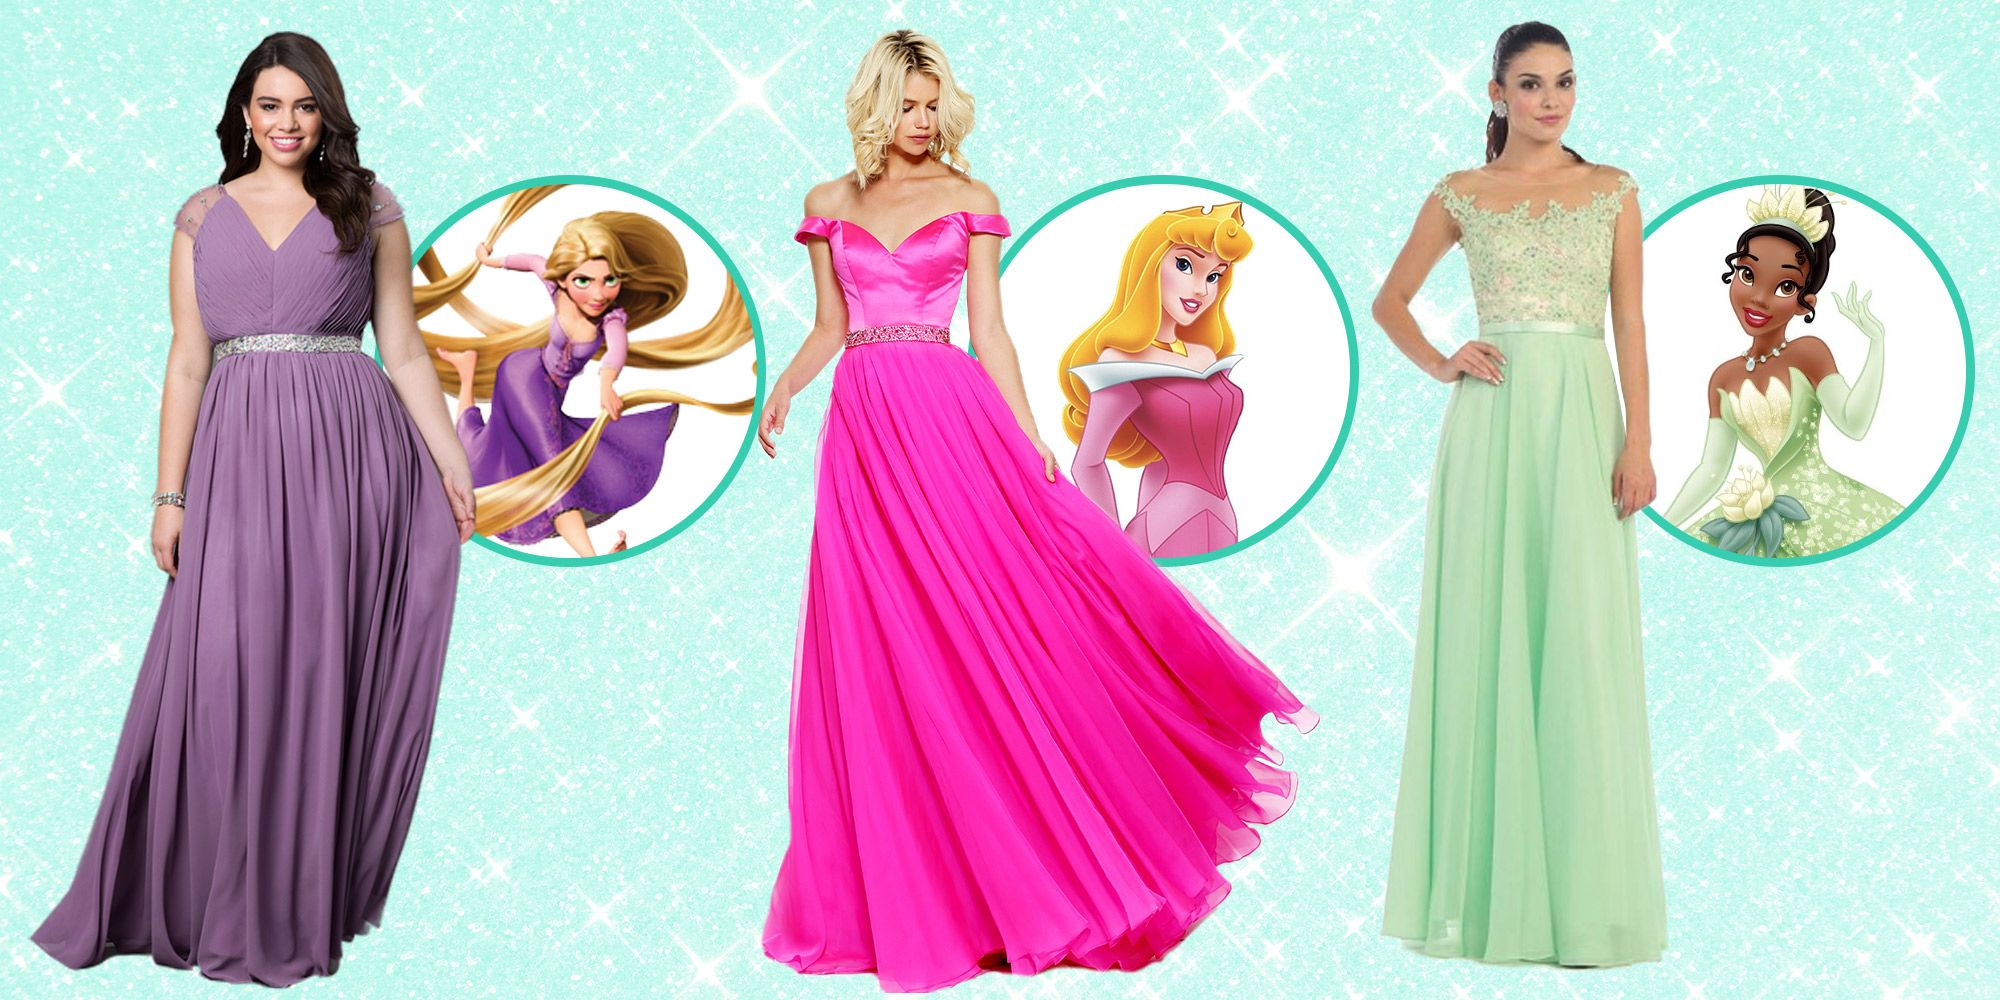 6 Princess Dresses For Prom Disney Princess Prom Dresses